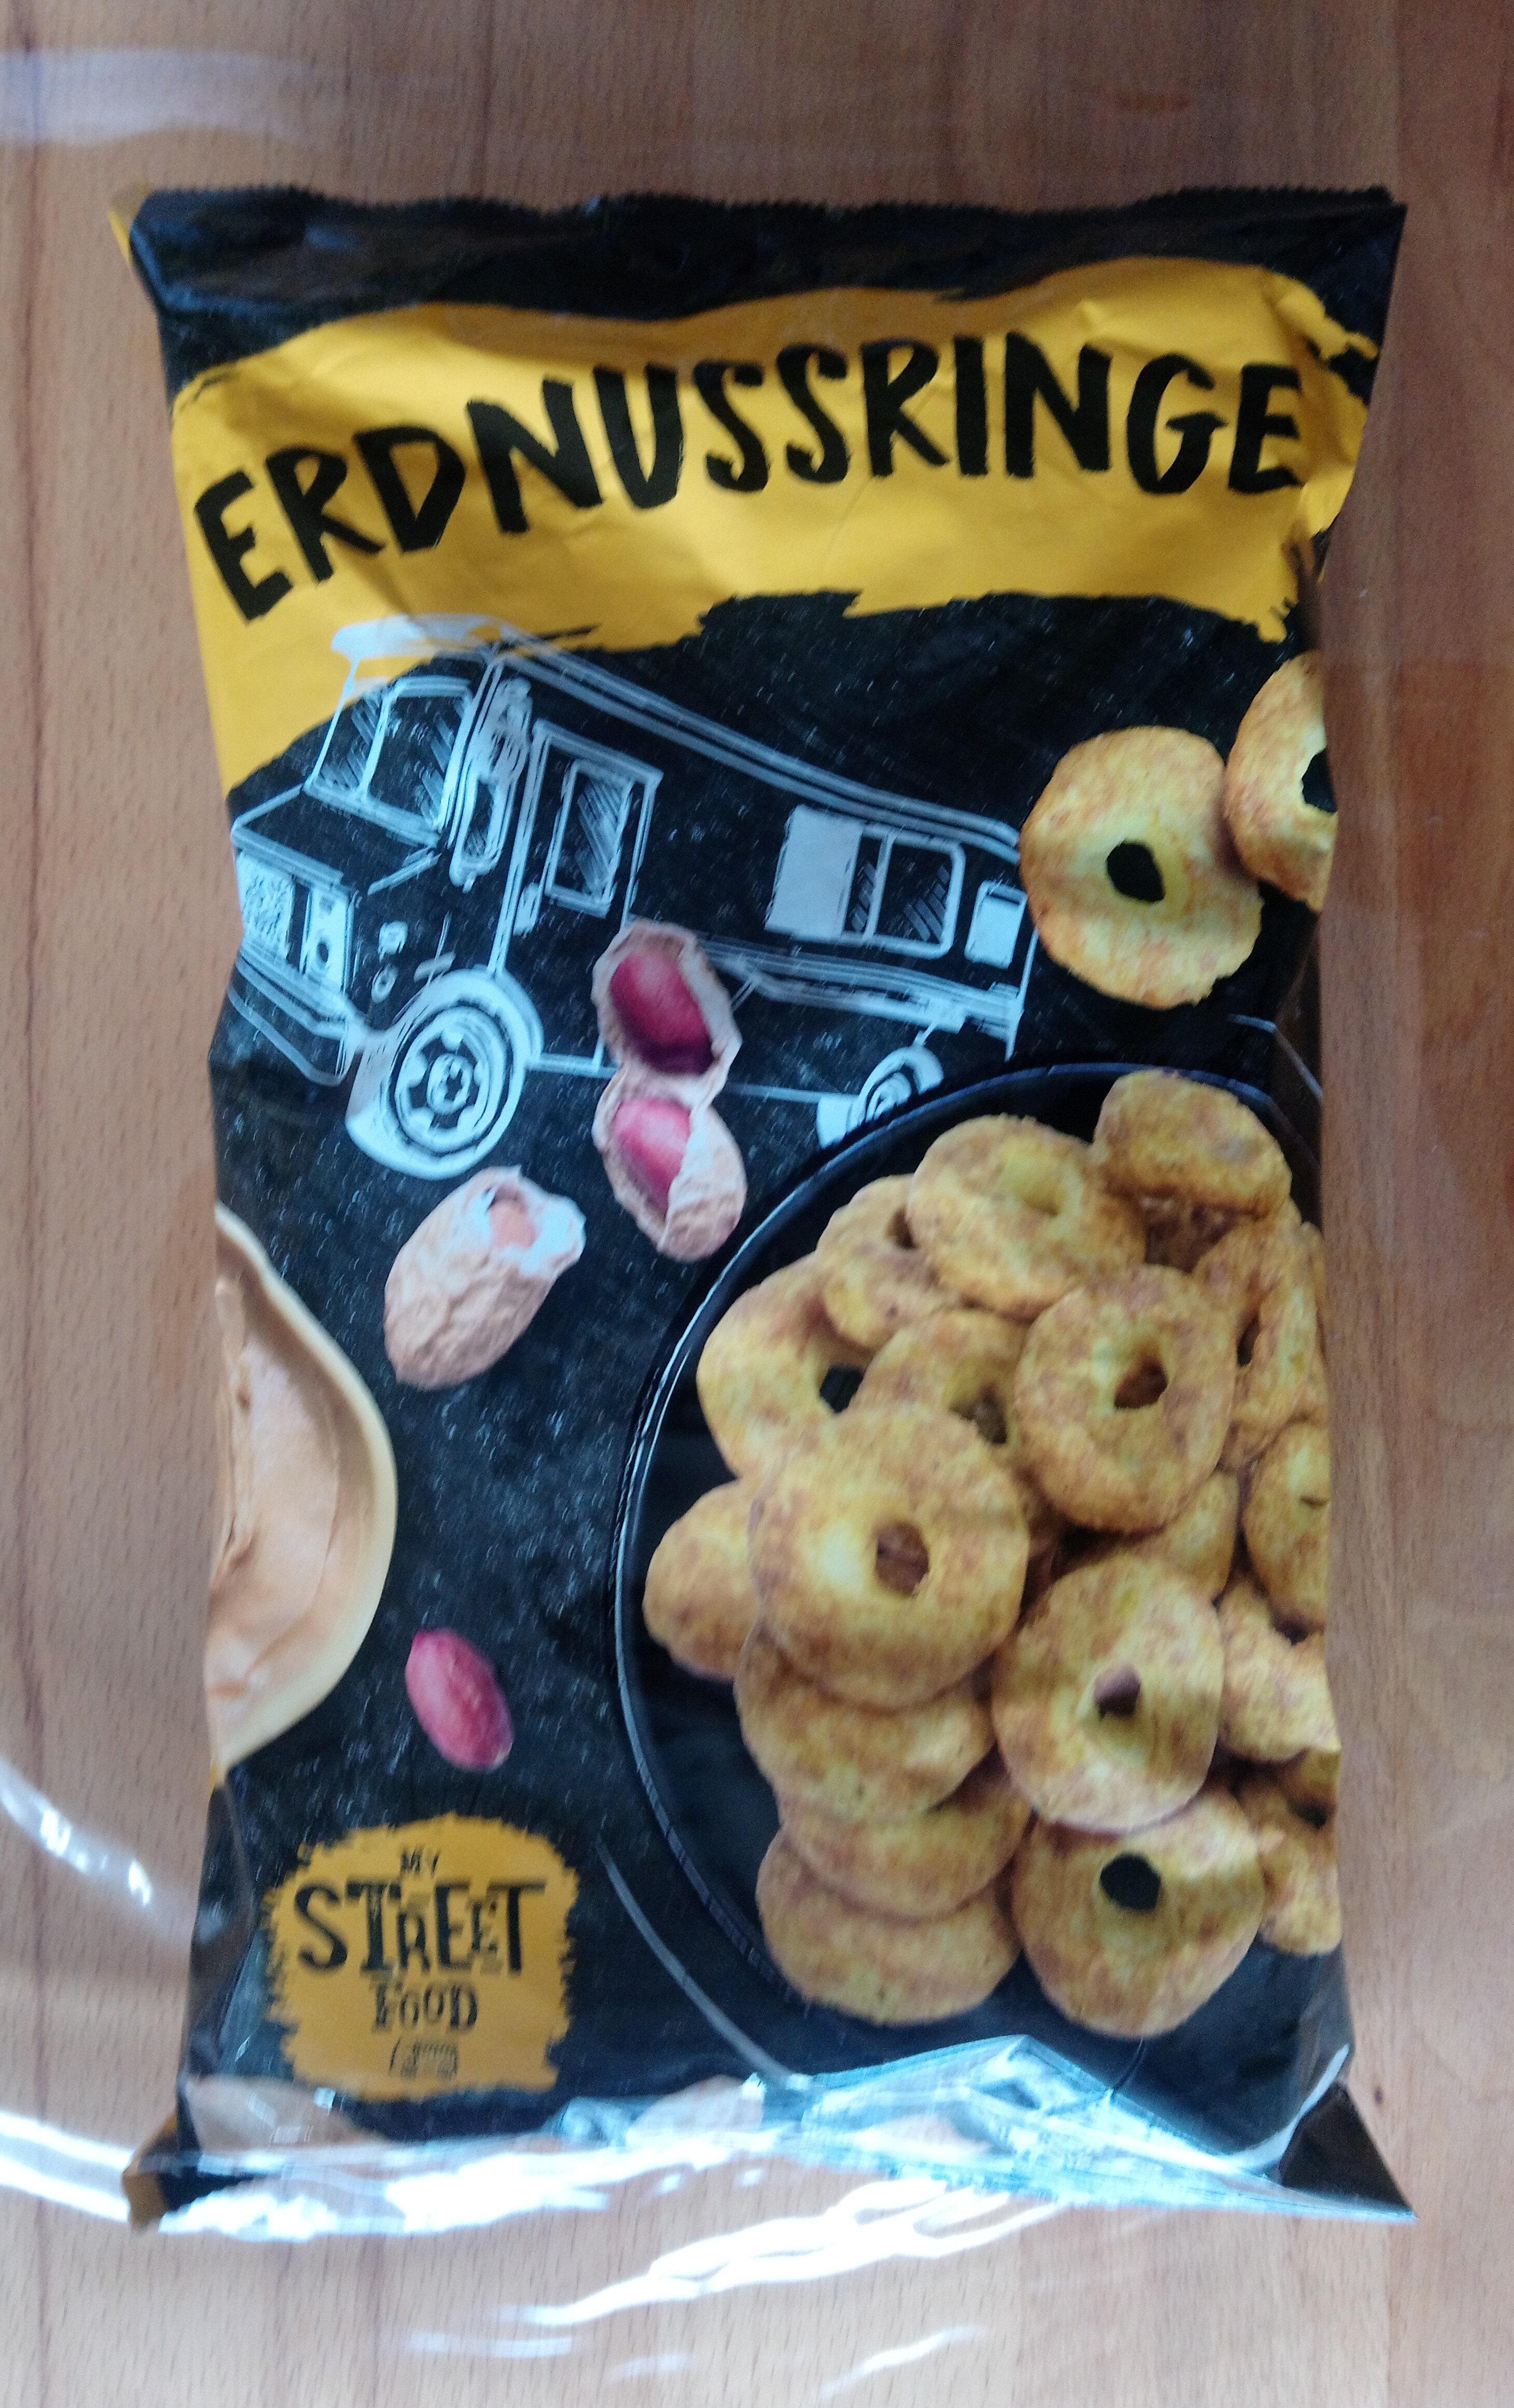 Erdnussringe - Product - de